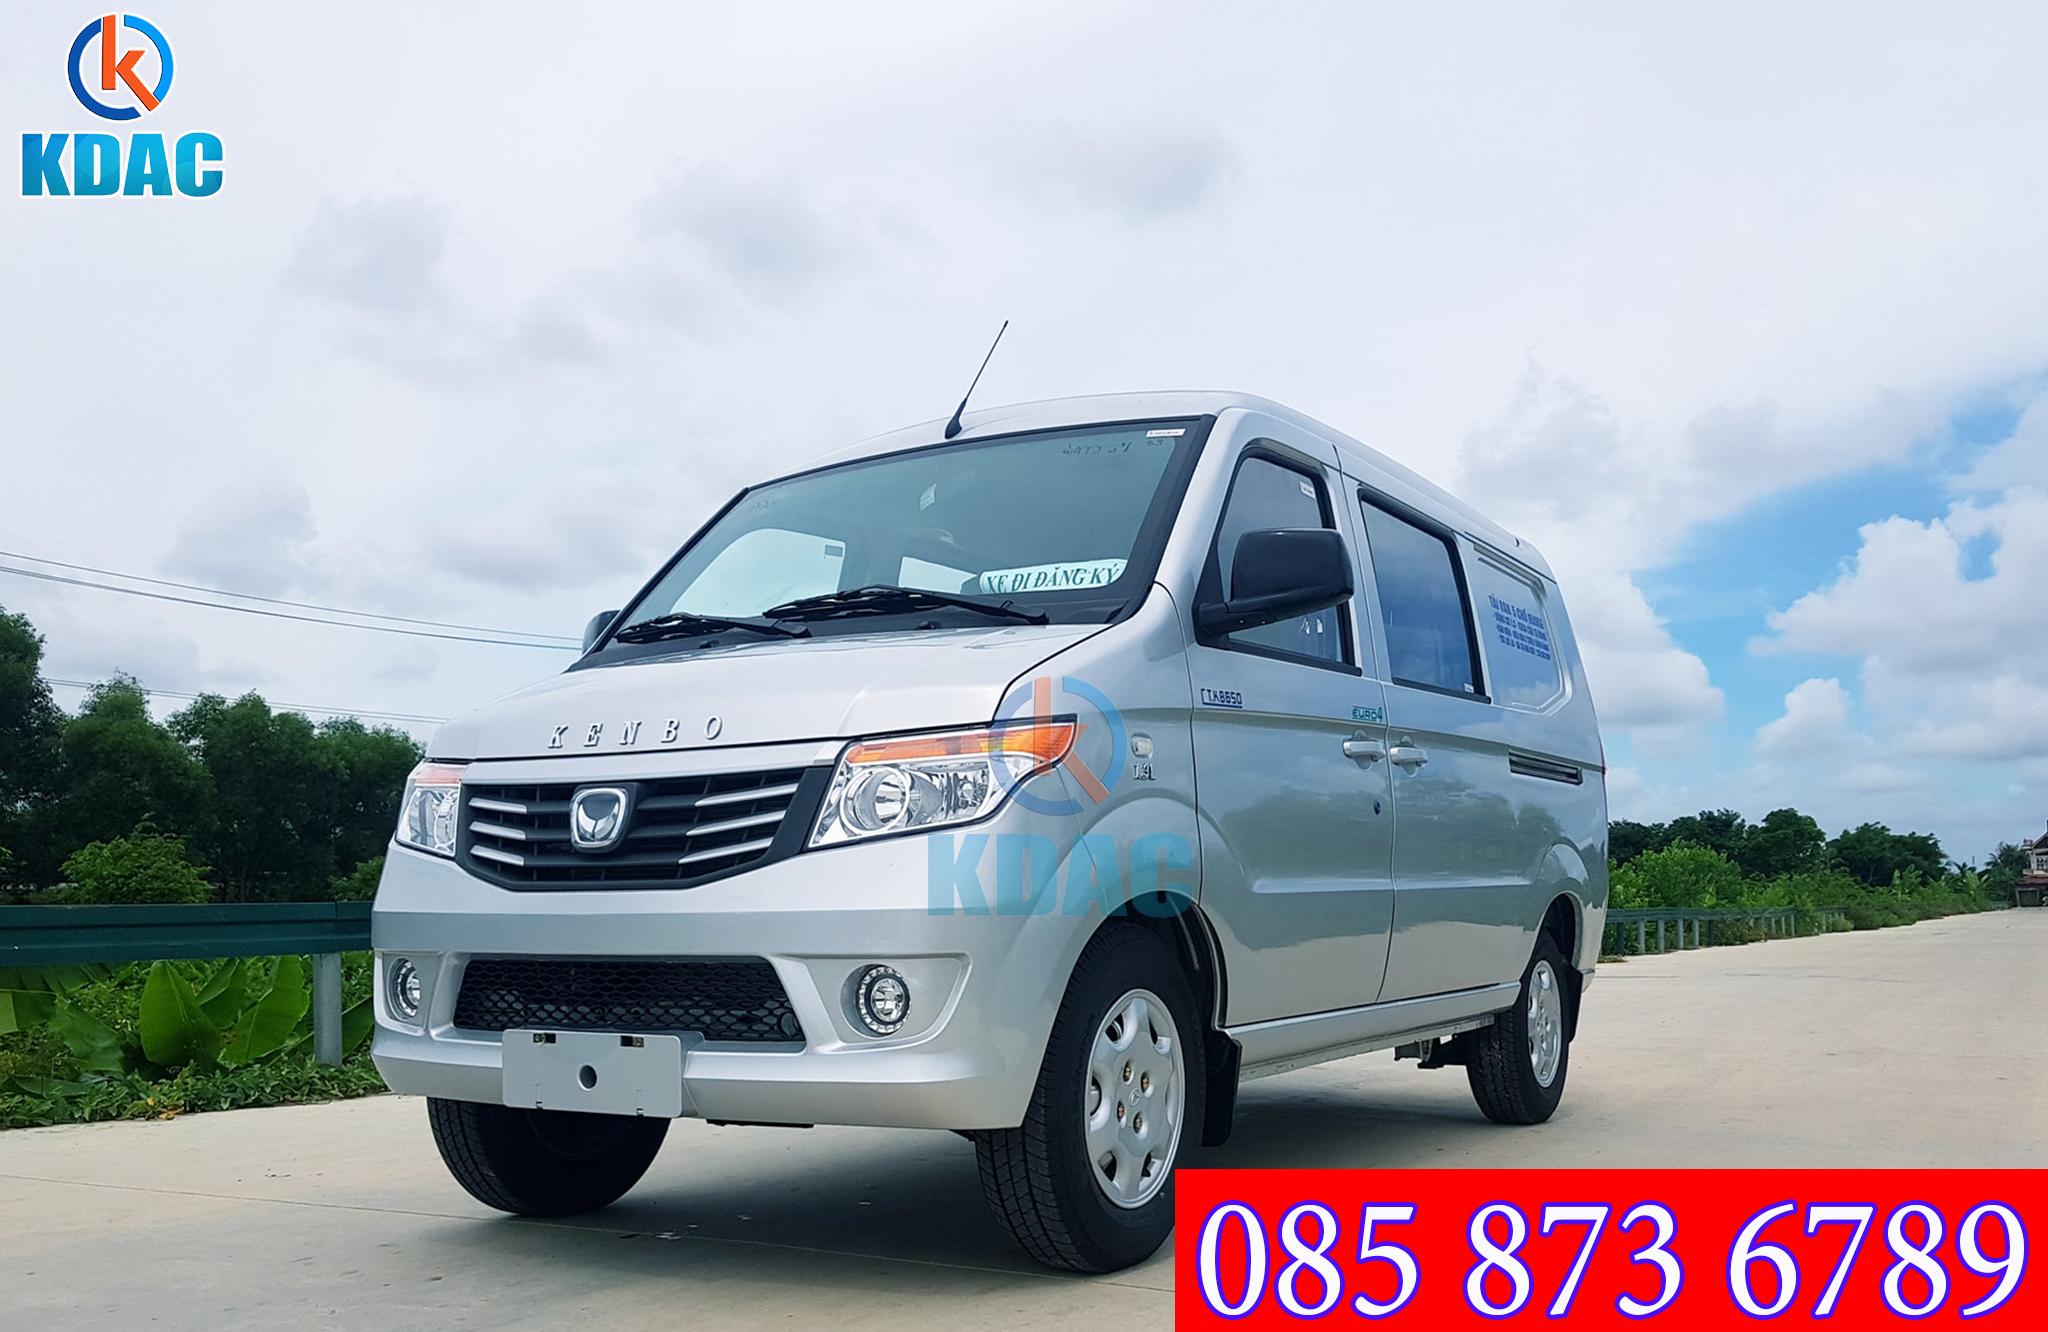 Chợ ôtô: Ô Tô Á Châu - Cần bán xe tải kenbo giá tốt Hà Nội Cty-14